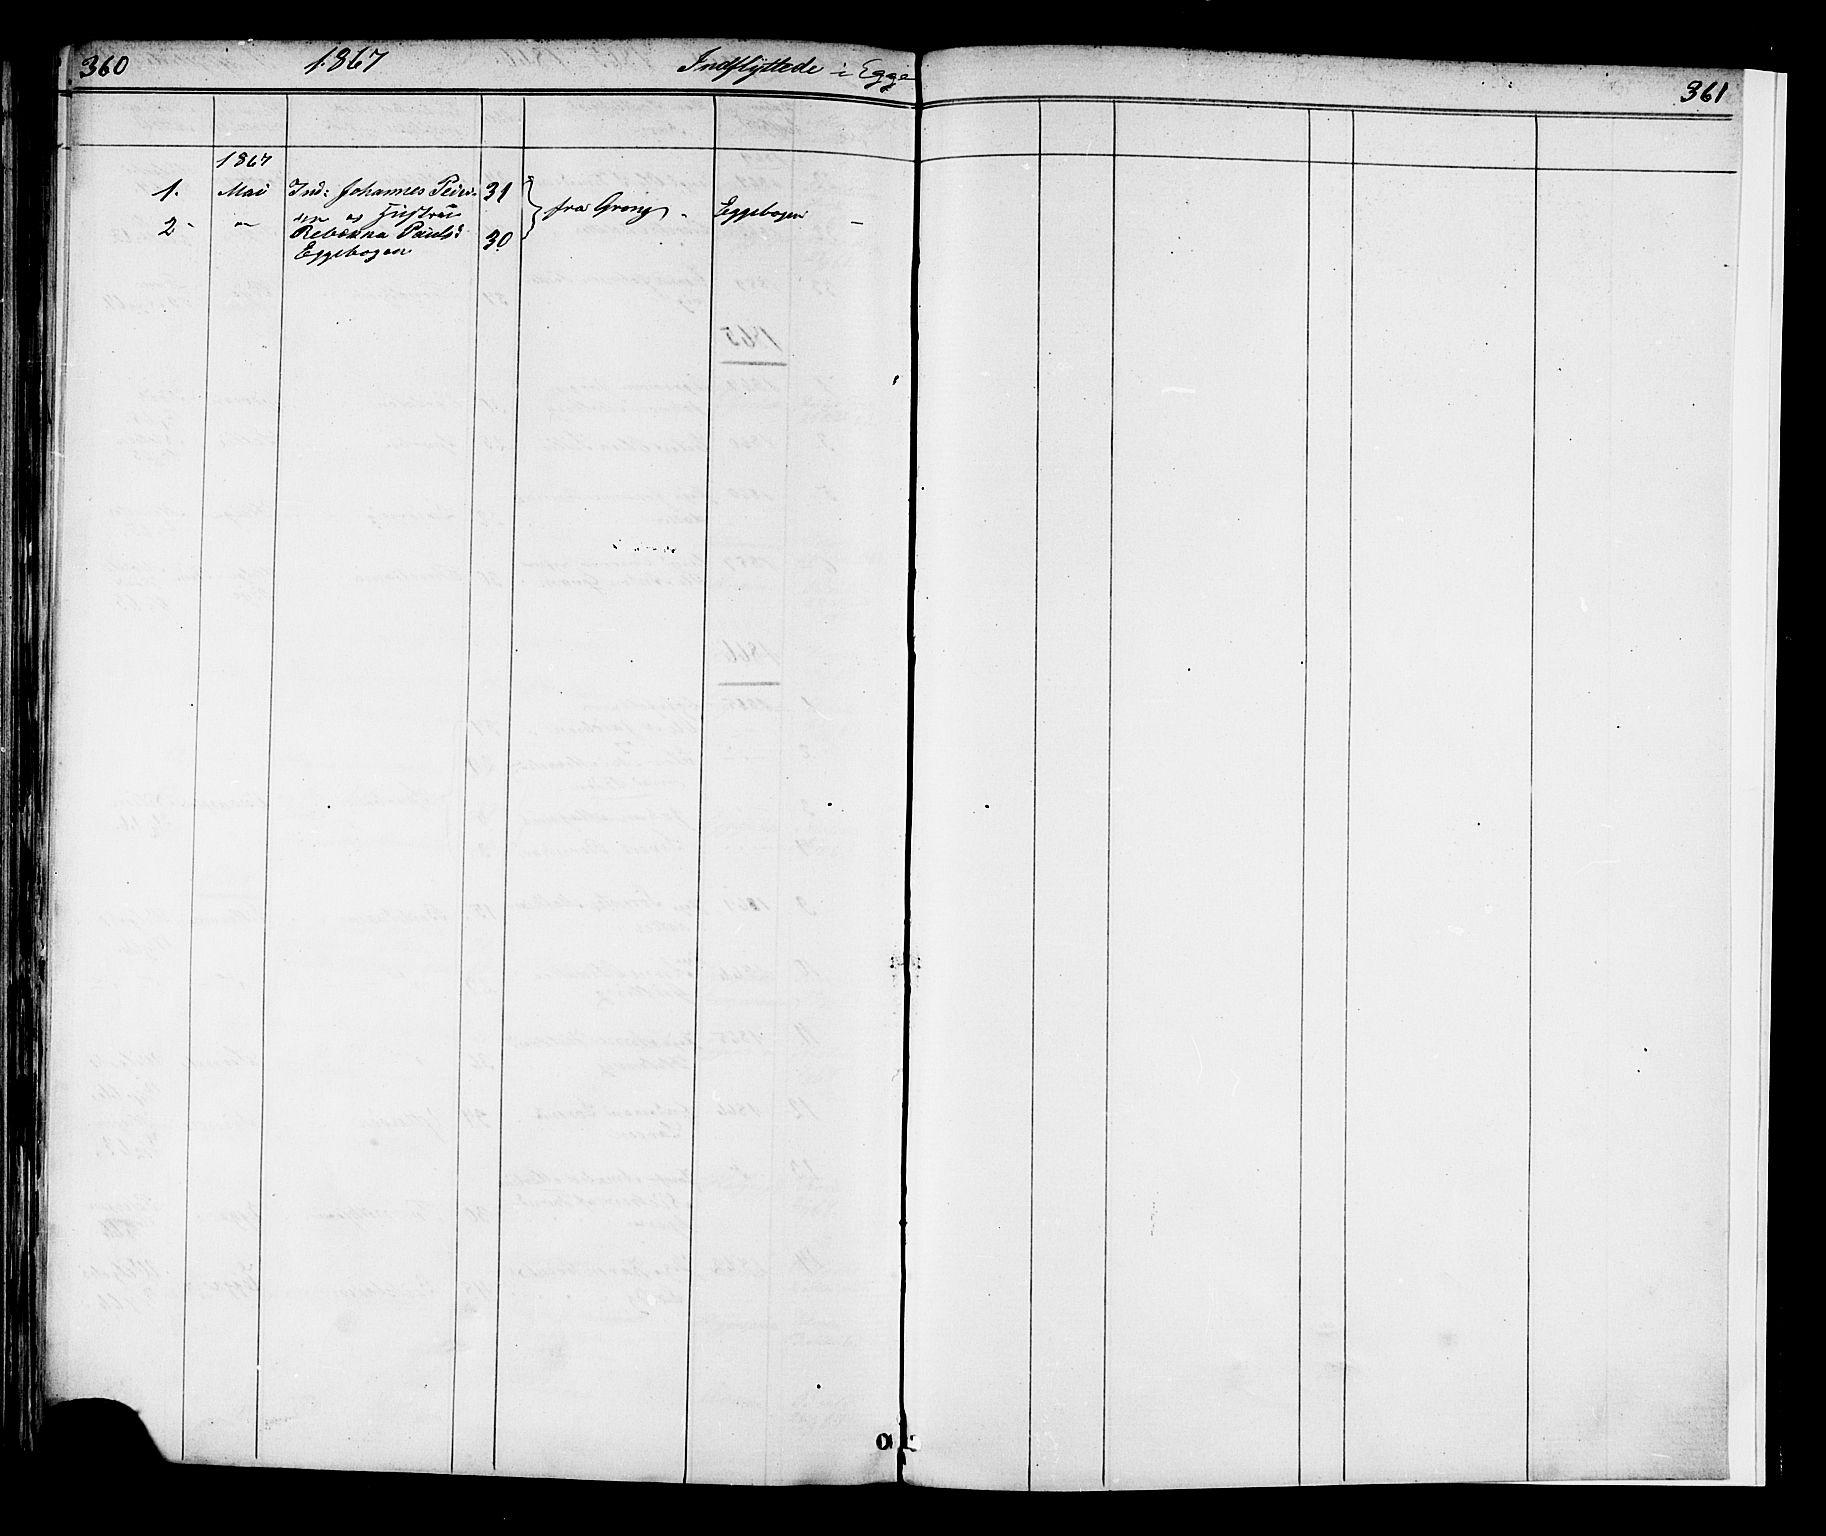 SAT, Ministerialprotokoller, klokkerbøker og fødselsregistre - Nord-Trøndelag, 739/L0367: Ministerialbok nr. 739A01 /3, 1838-1868, s. 360-361